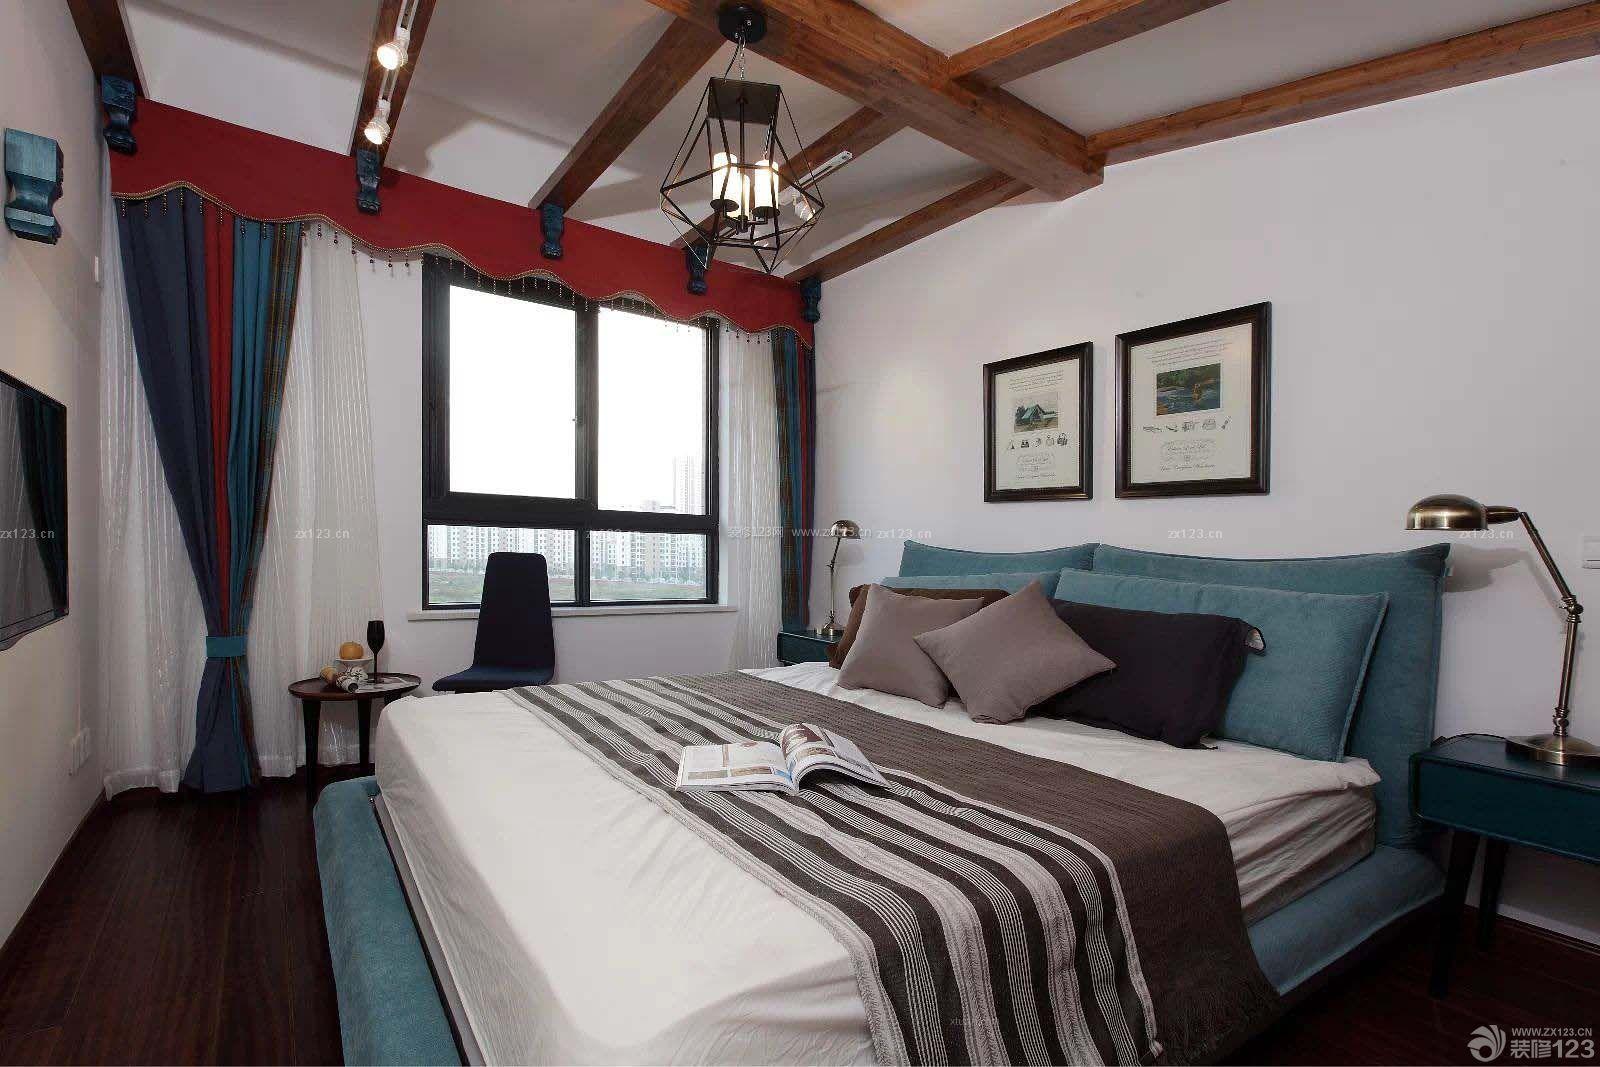 泰式精装修房屋卧室装修效果图图片